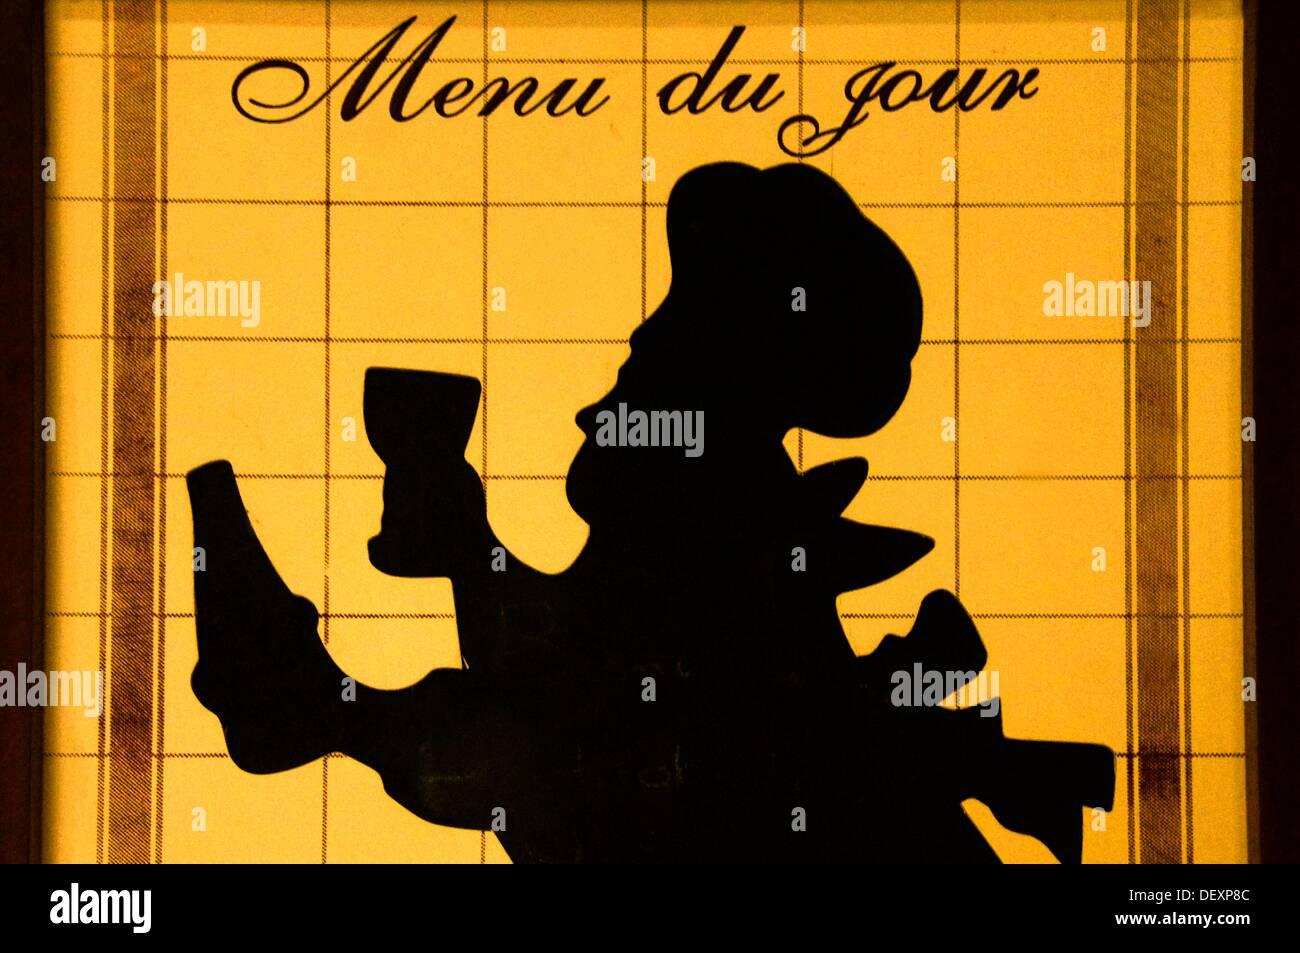 """Signo en el menú """"Bistrot de pays"""", Panjas, Gers, Midi-Pyrénées, Francia Imagen De Stock"""